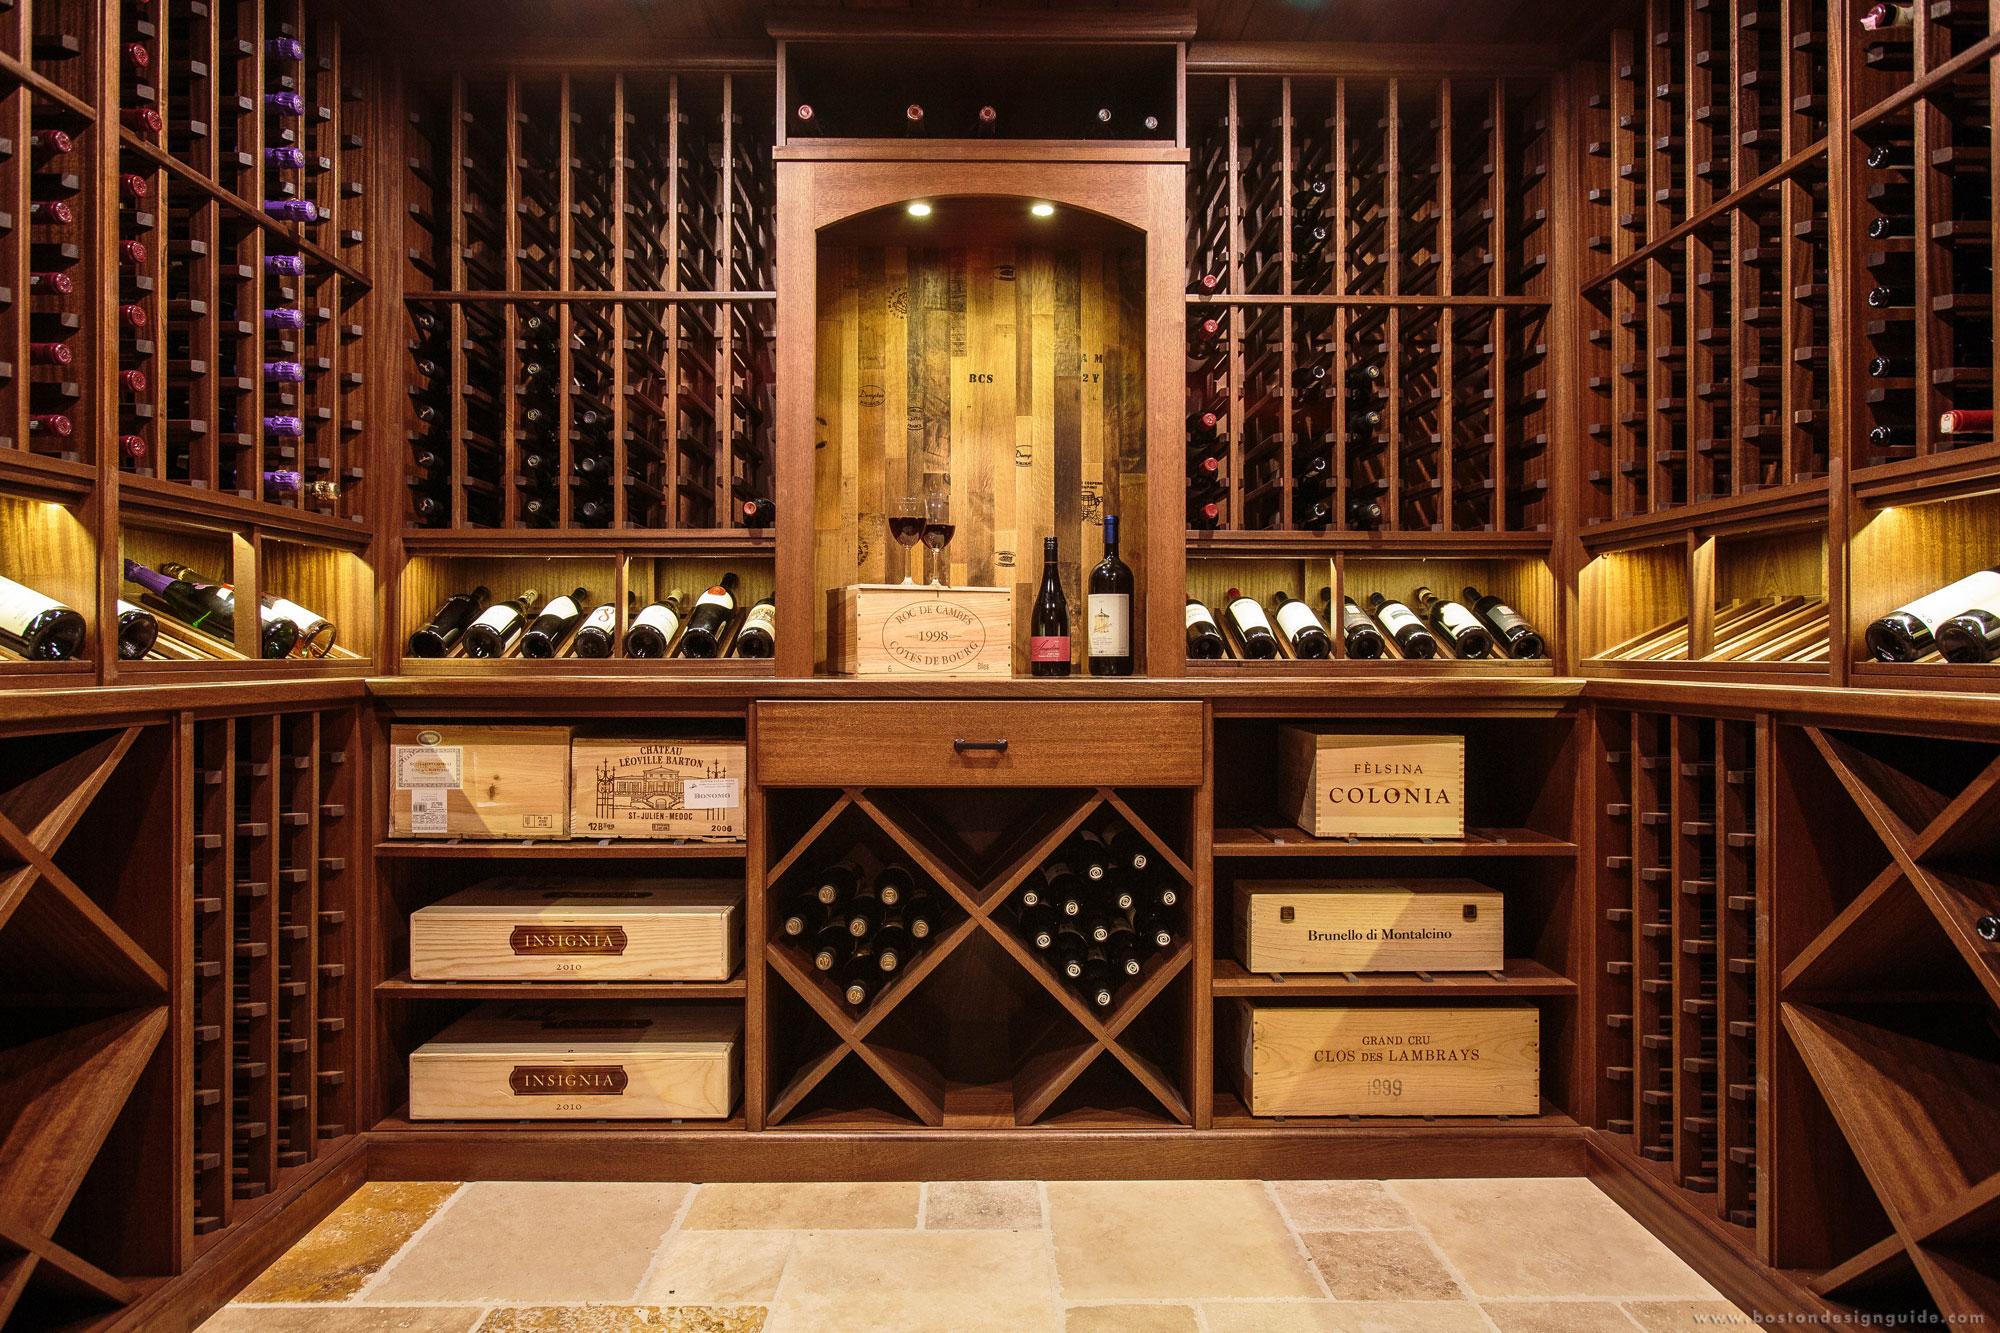 charles river wine cellars. Black Bedroom Furniture Sets. Home Design Ideas